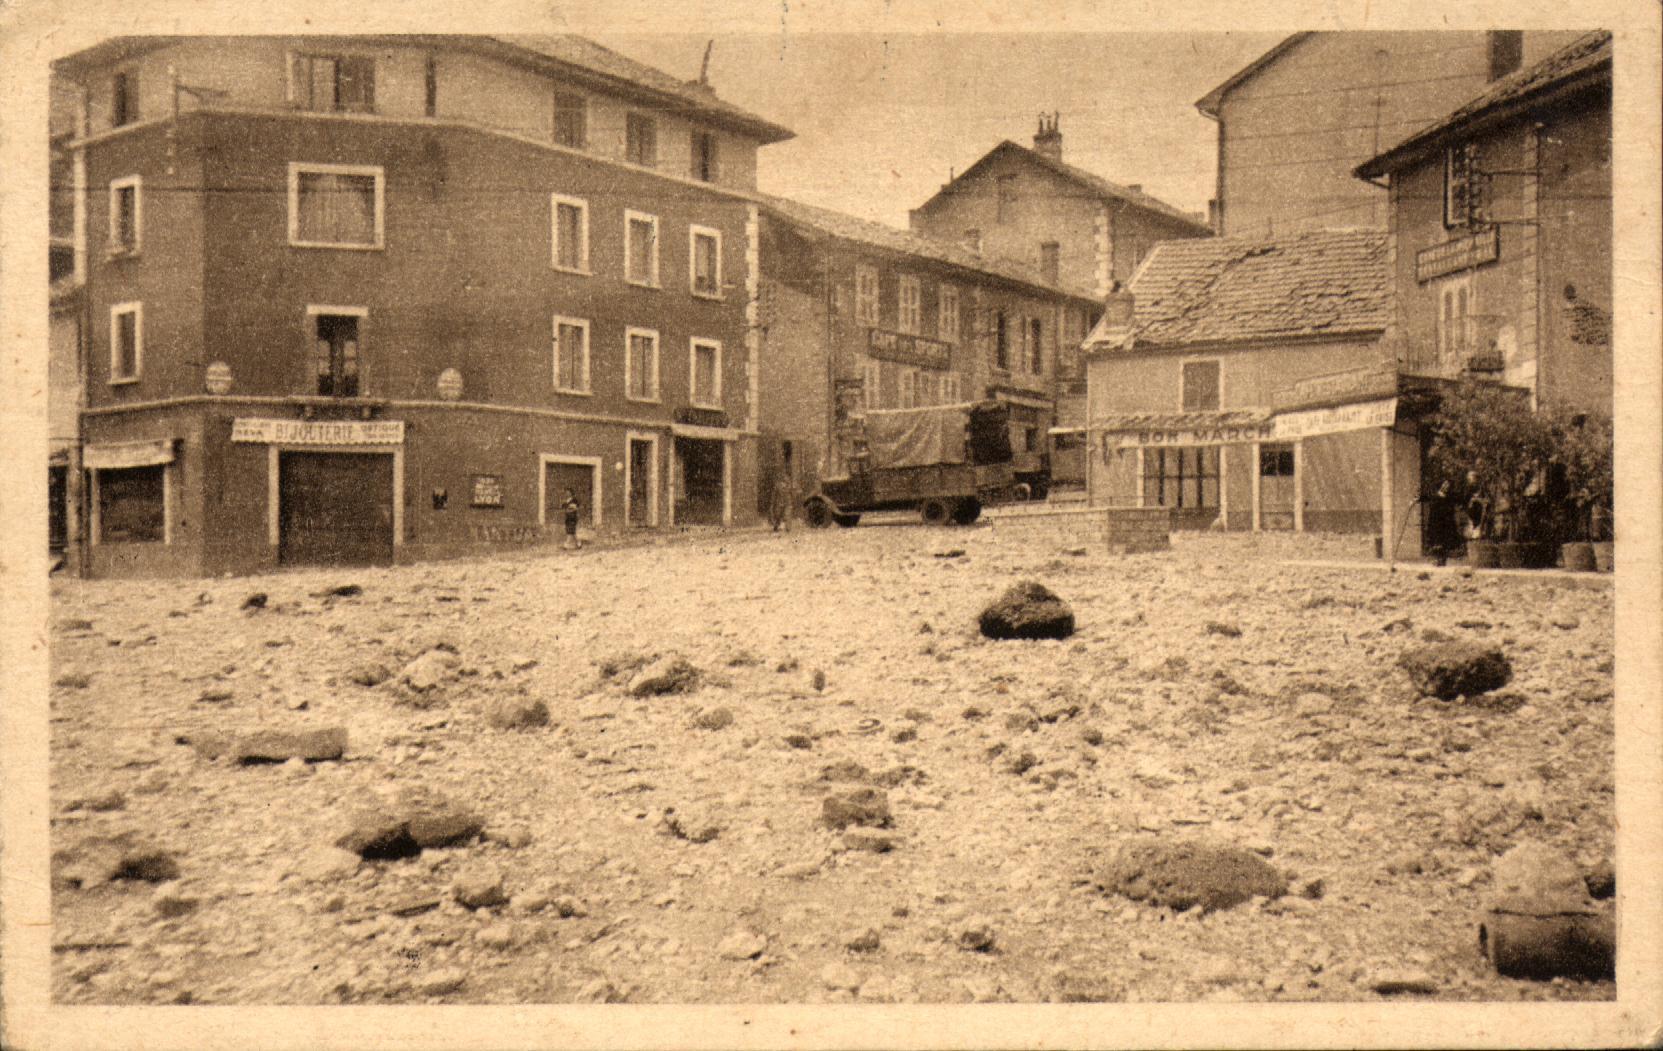 Un bombardement de pierres et de gravats sur la place Bérard, alors place Klébert.